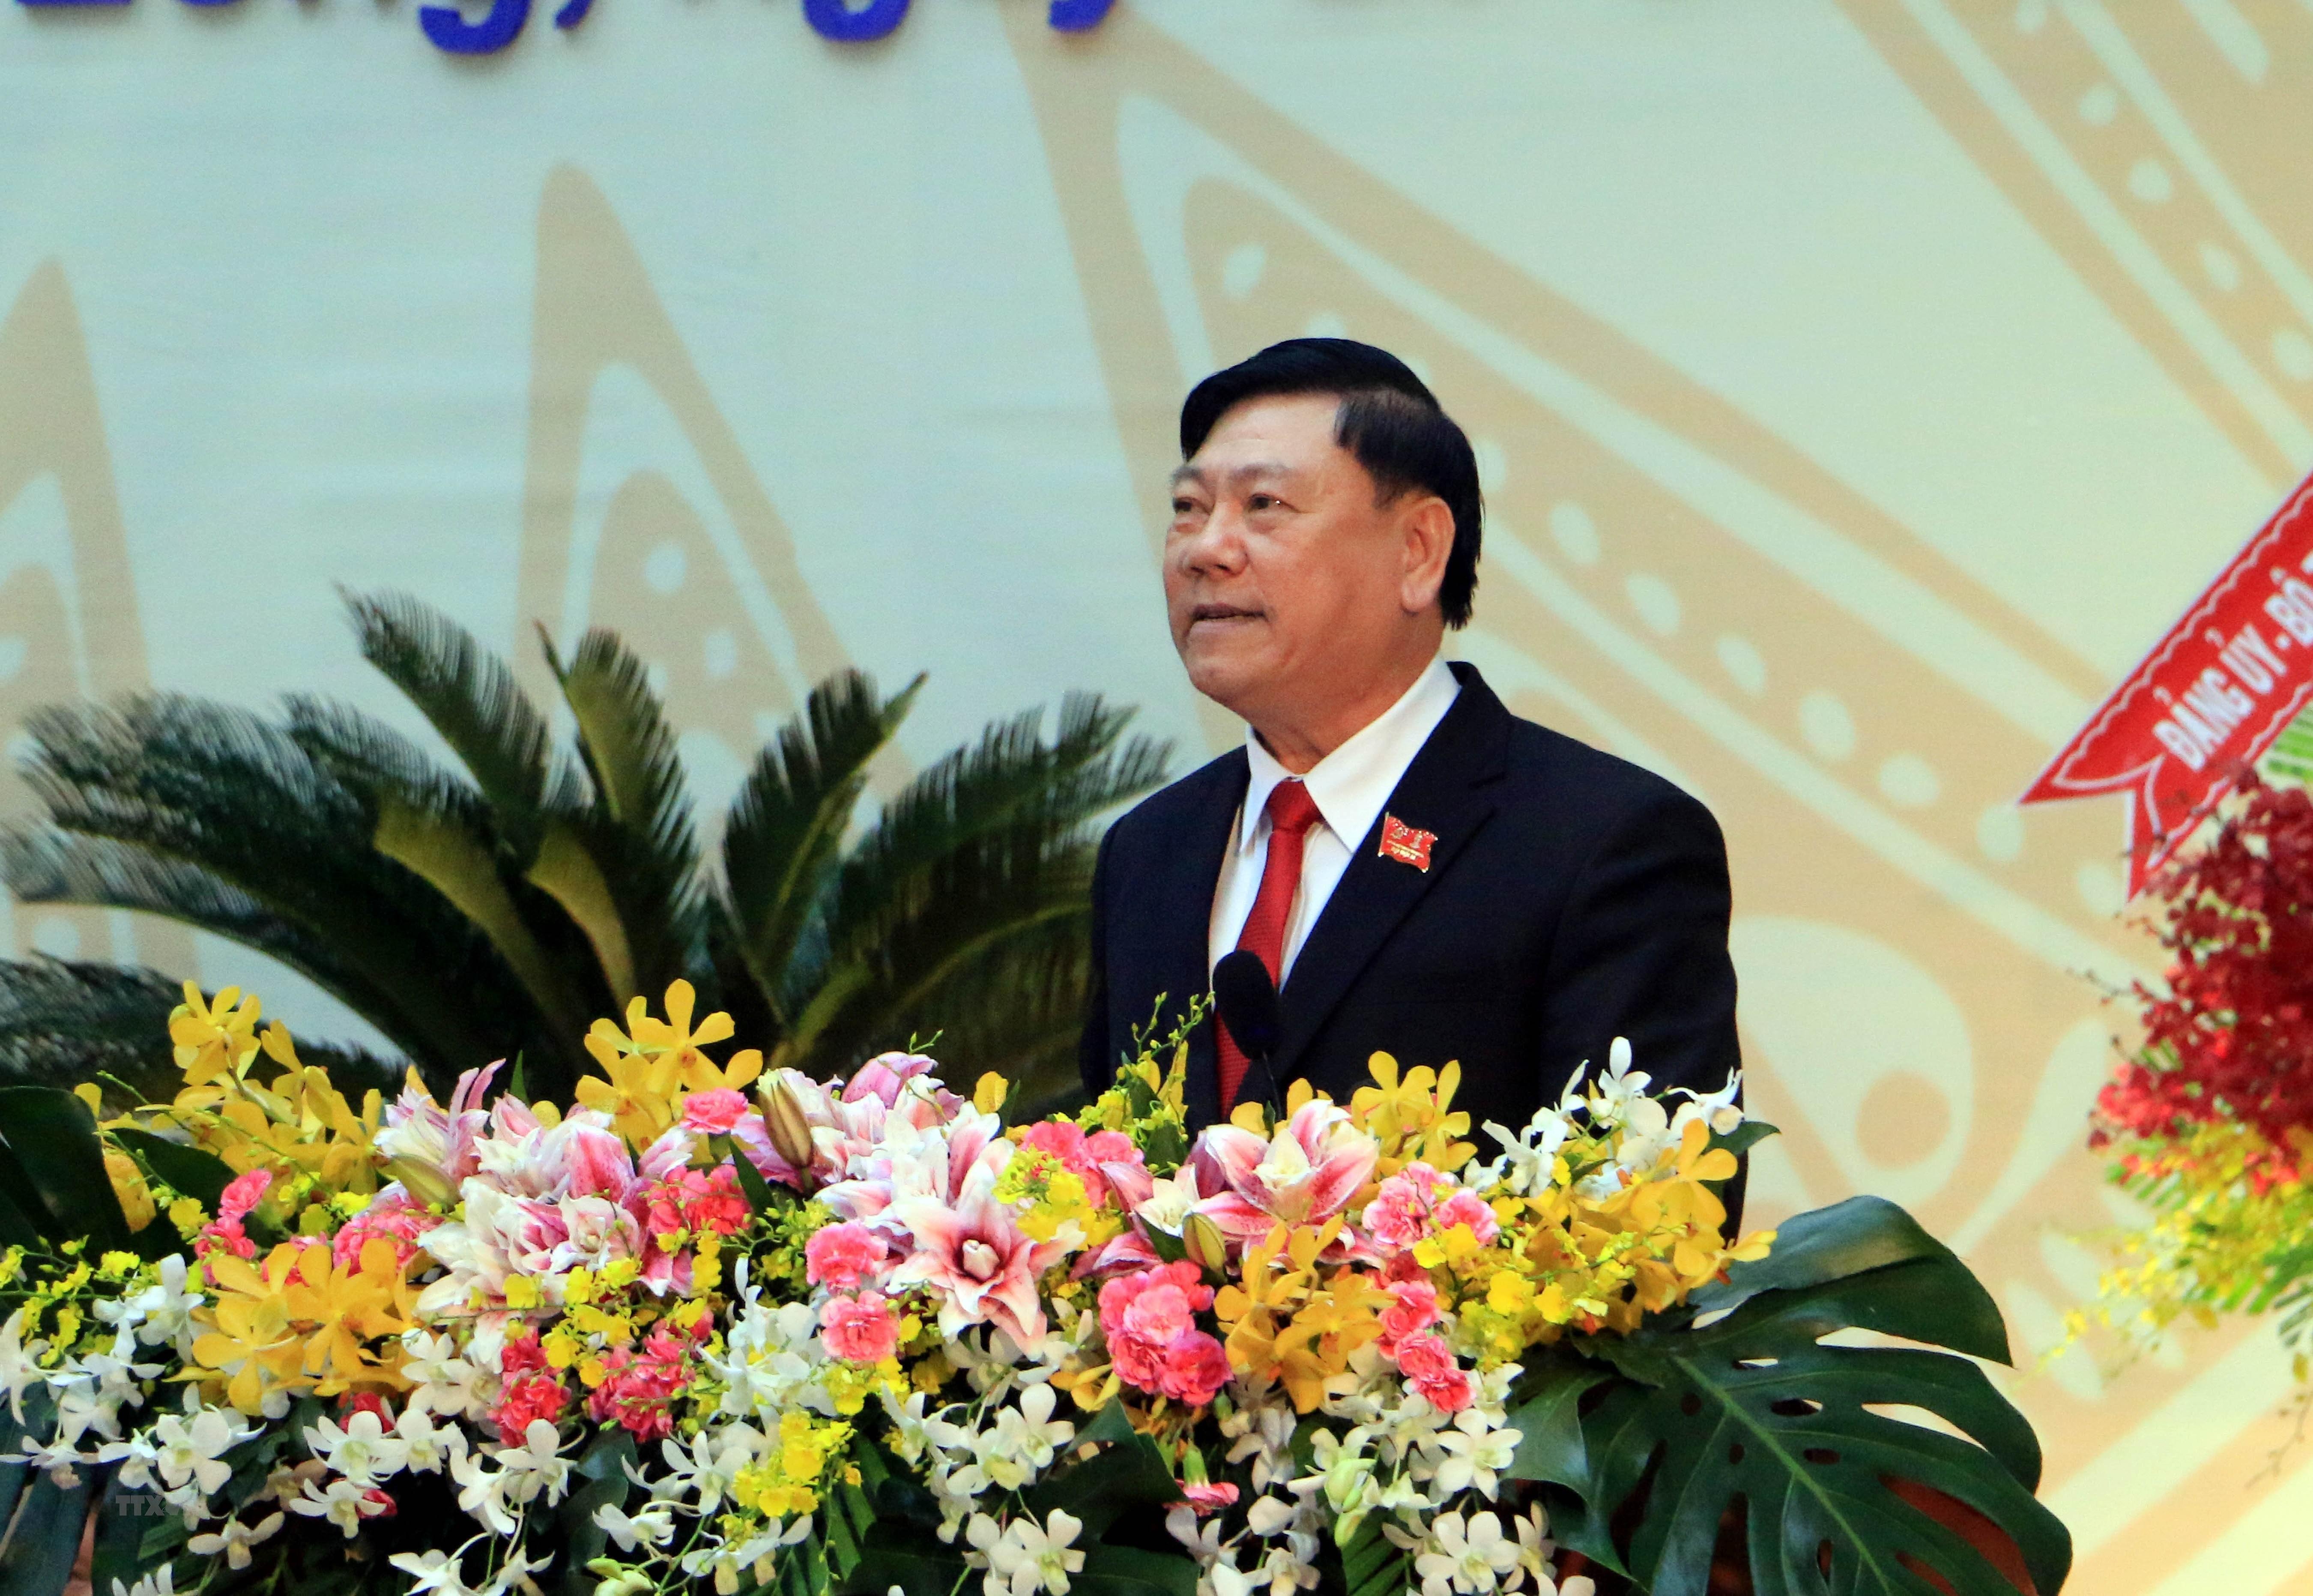 [Photo] Khai mac Dai hoi Dang bo tinh Vinh Long nhiem ky 2020-2025 hinh anh 8